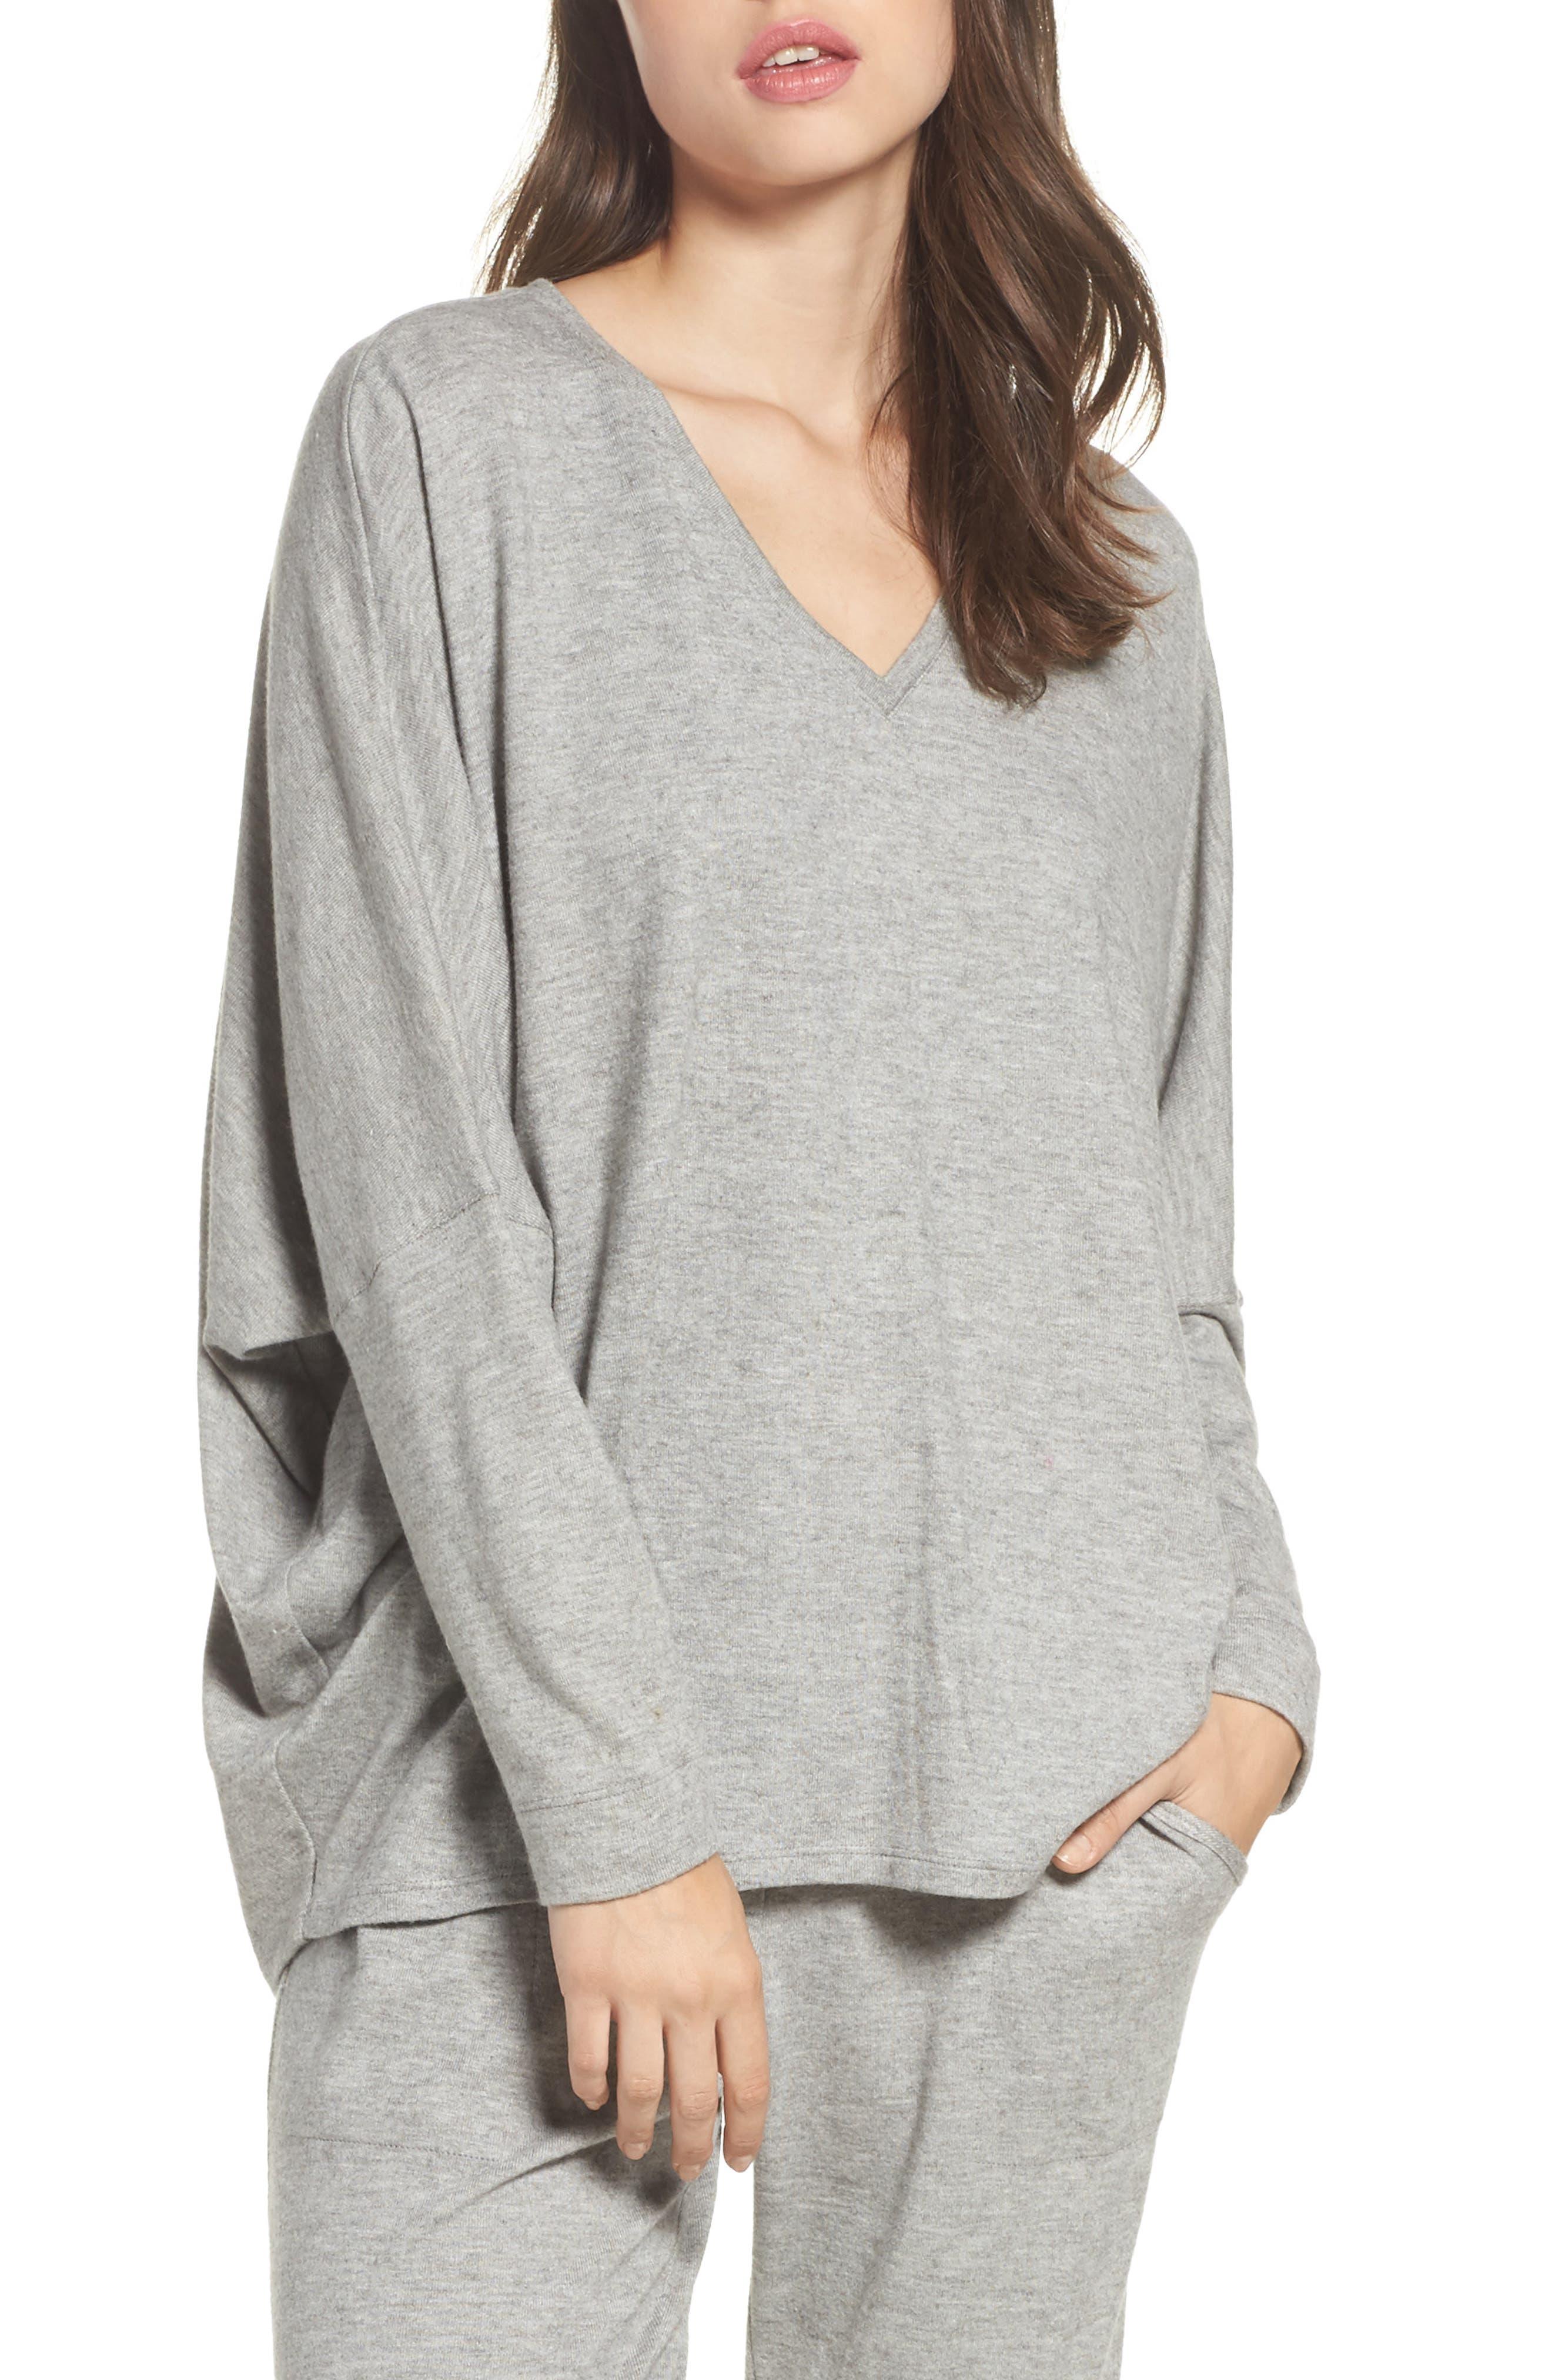 Main Image - Natori Retreat Sweater Knit Top